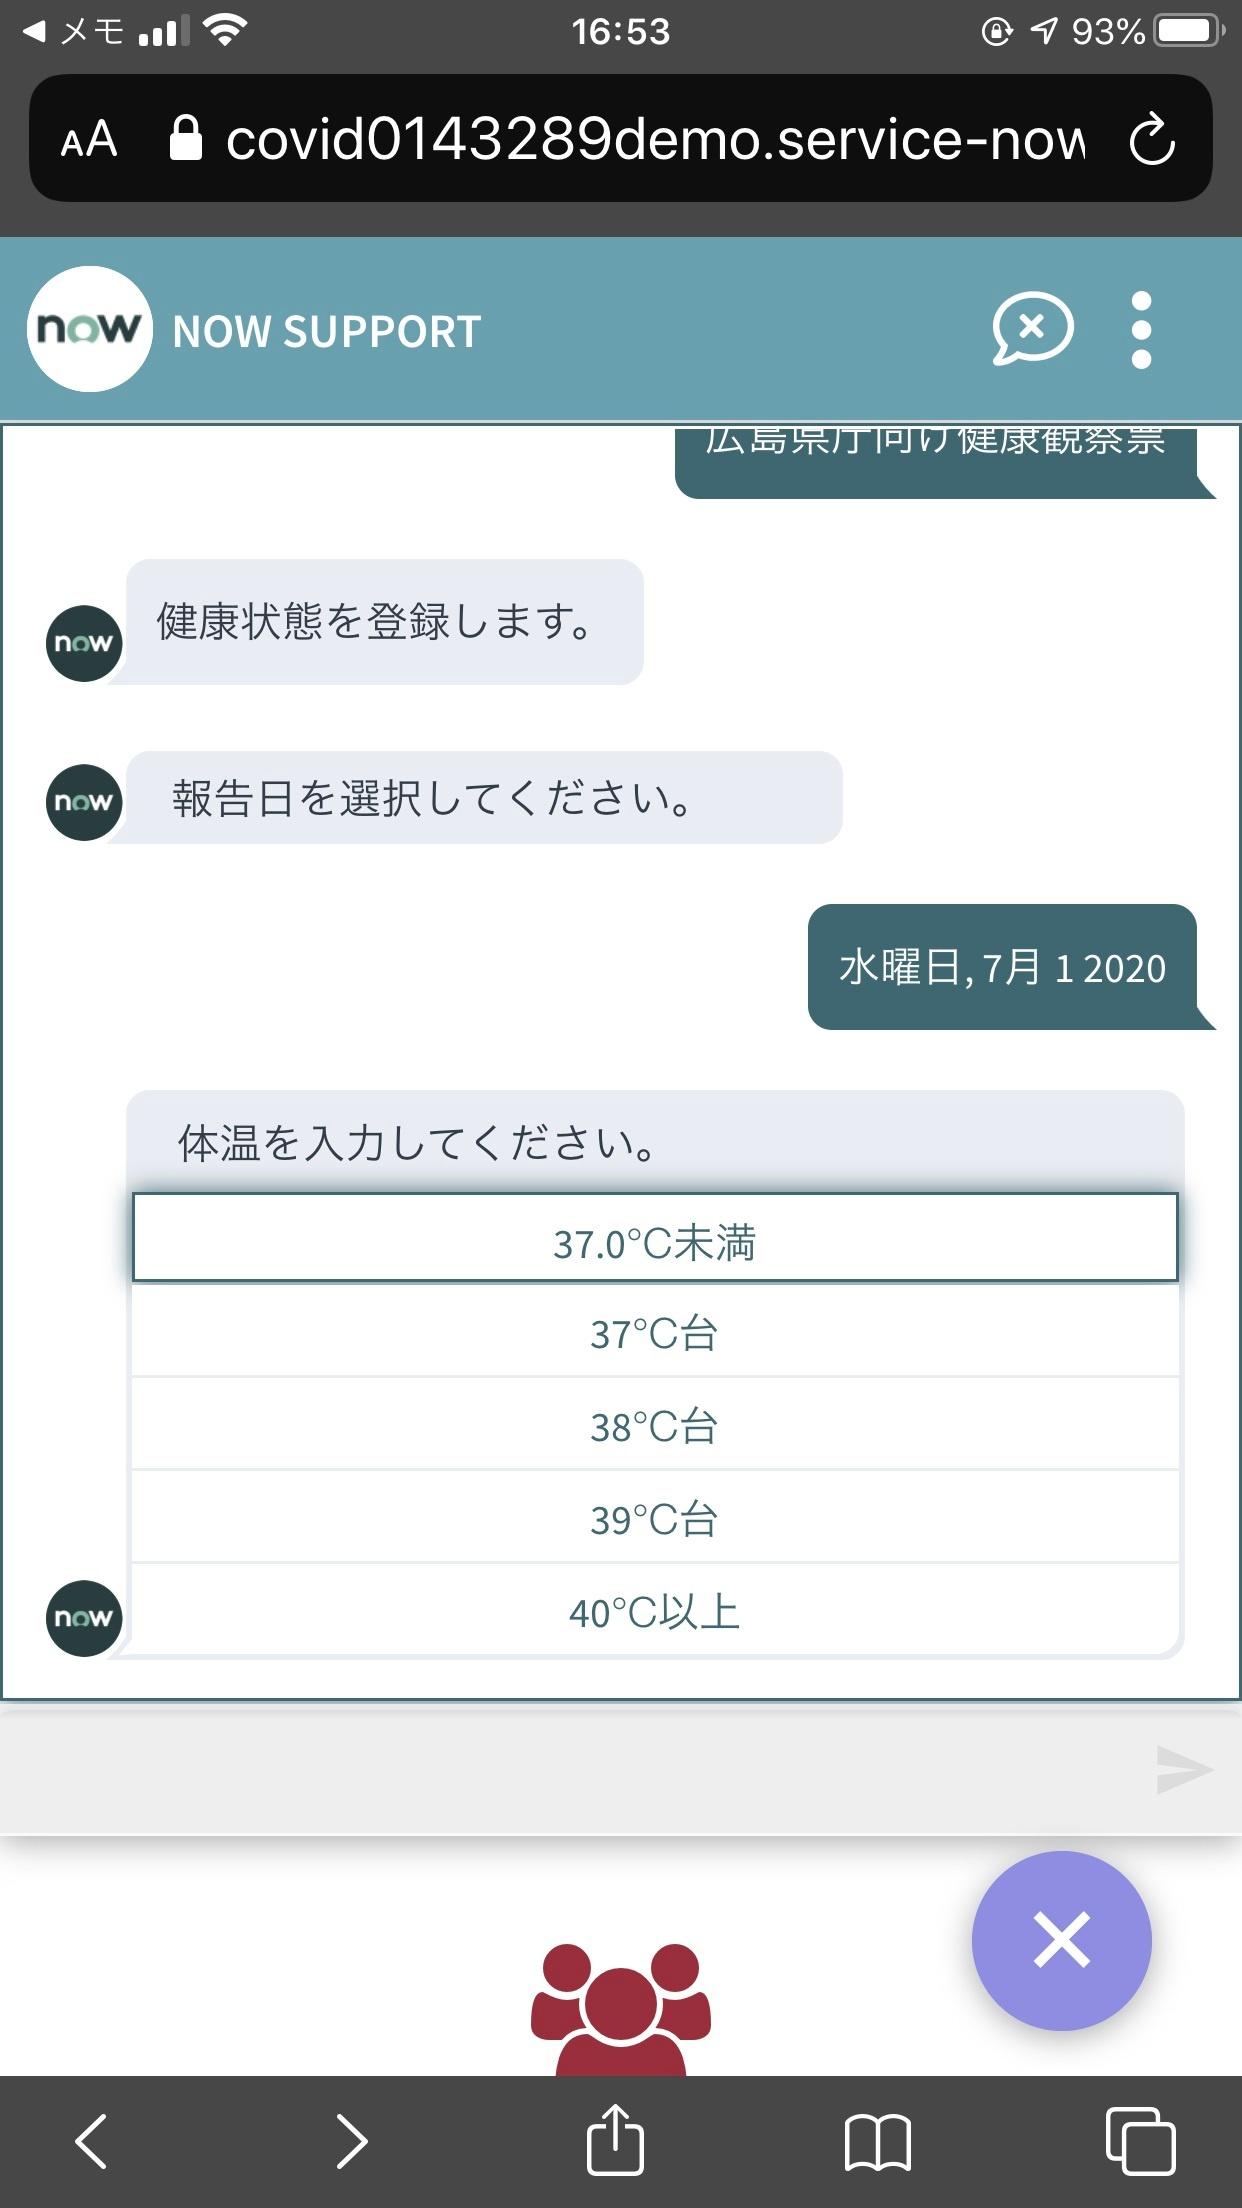 広島県が導入した「体調管理アプリ」のサンプル画面